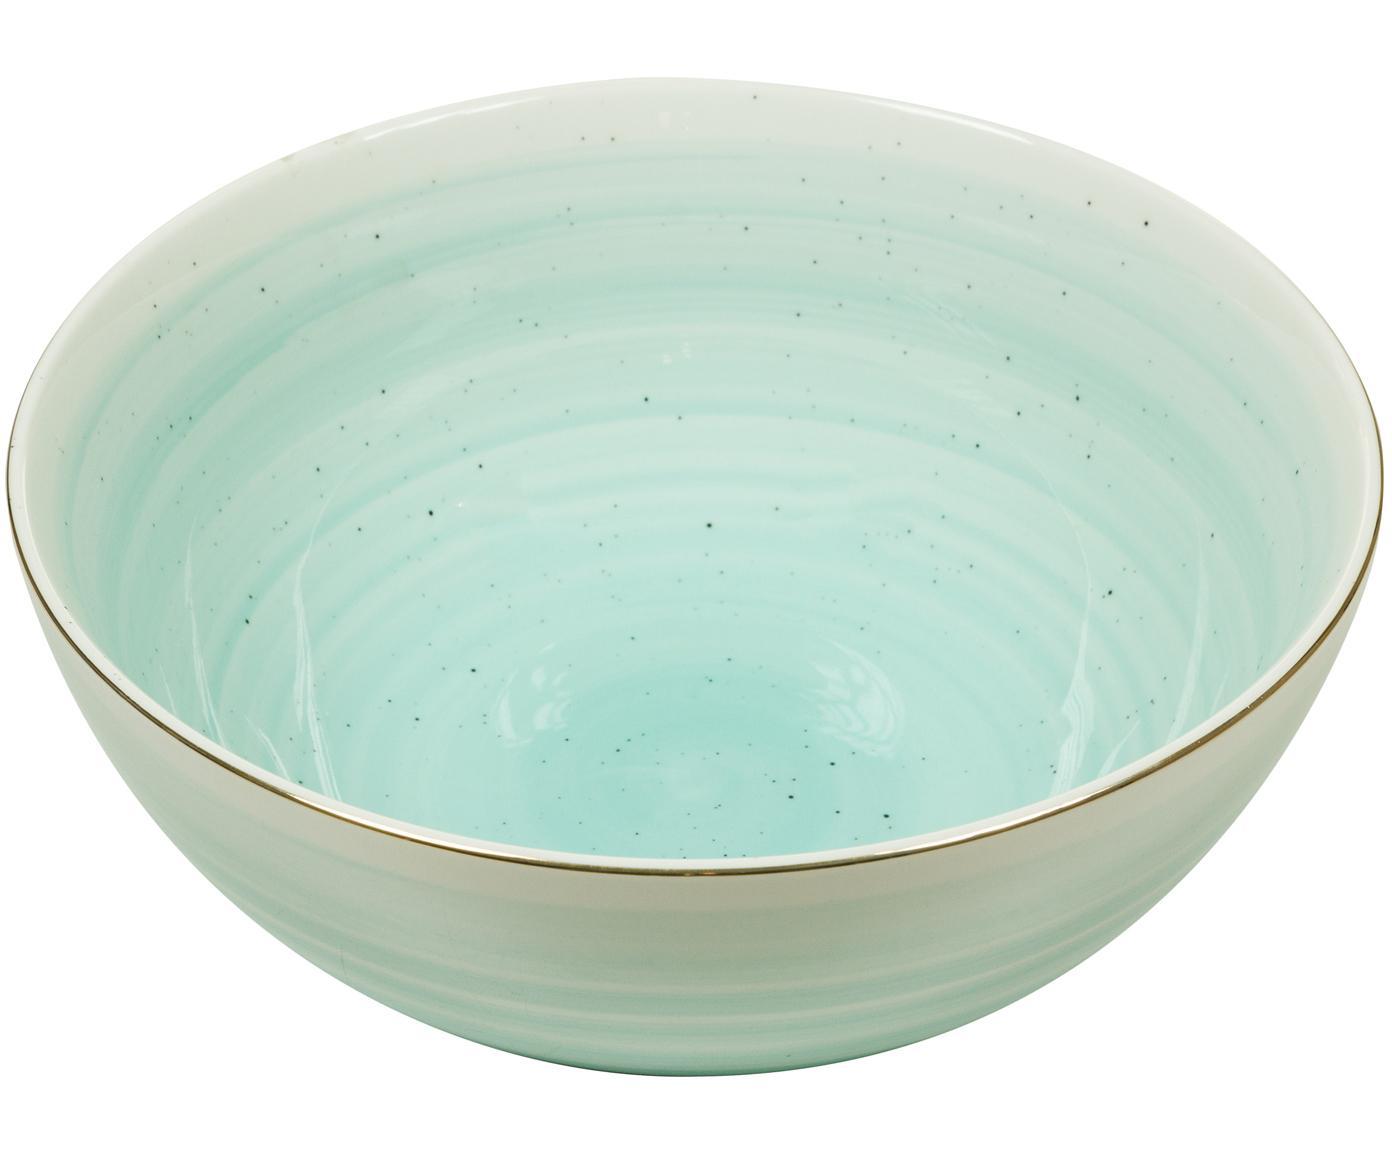 Handgemachte Schale Bol mit Goldrand, Porzellan, Türkisblau, Ø 22 x H 10 cm